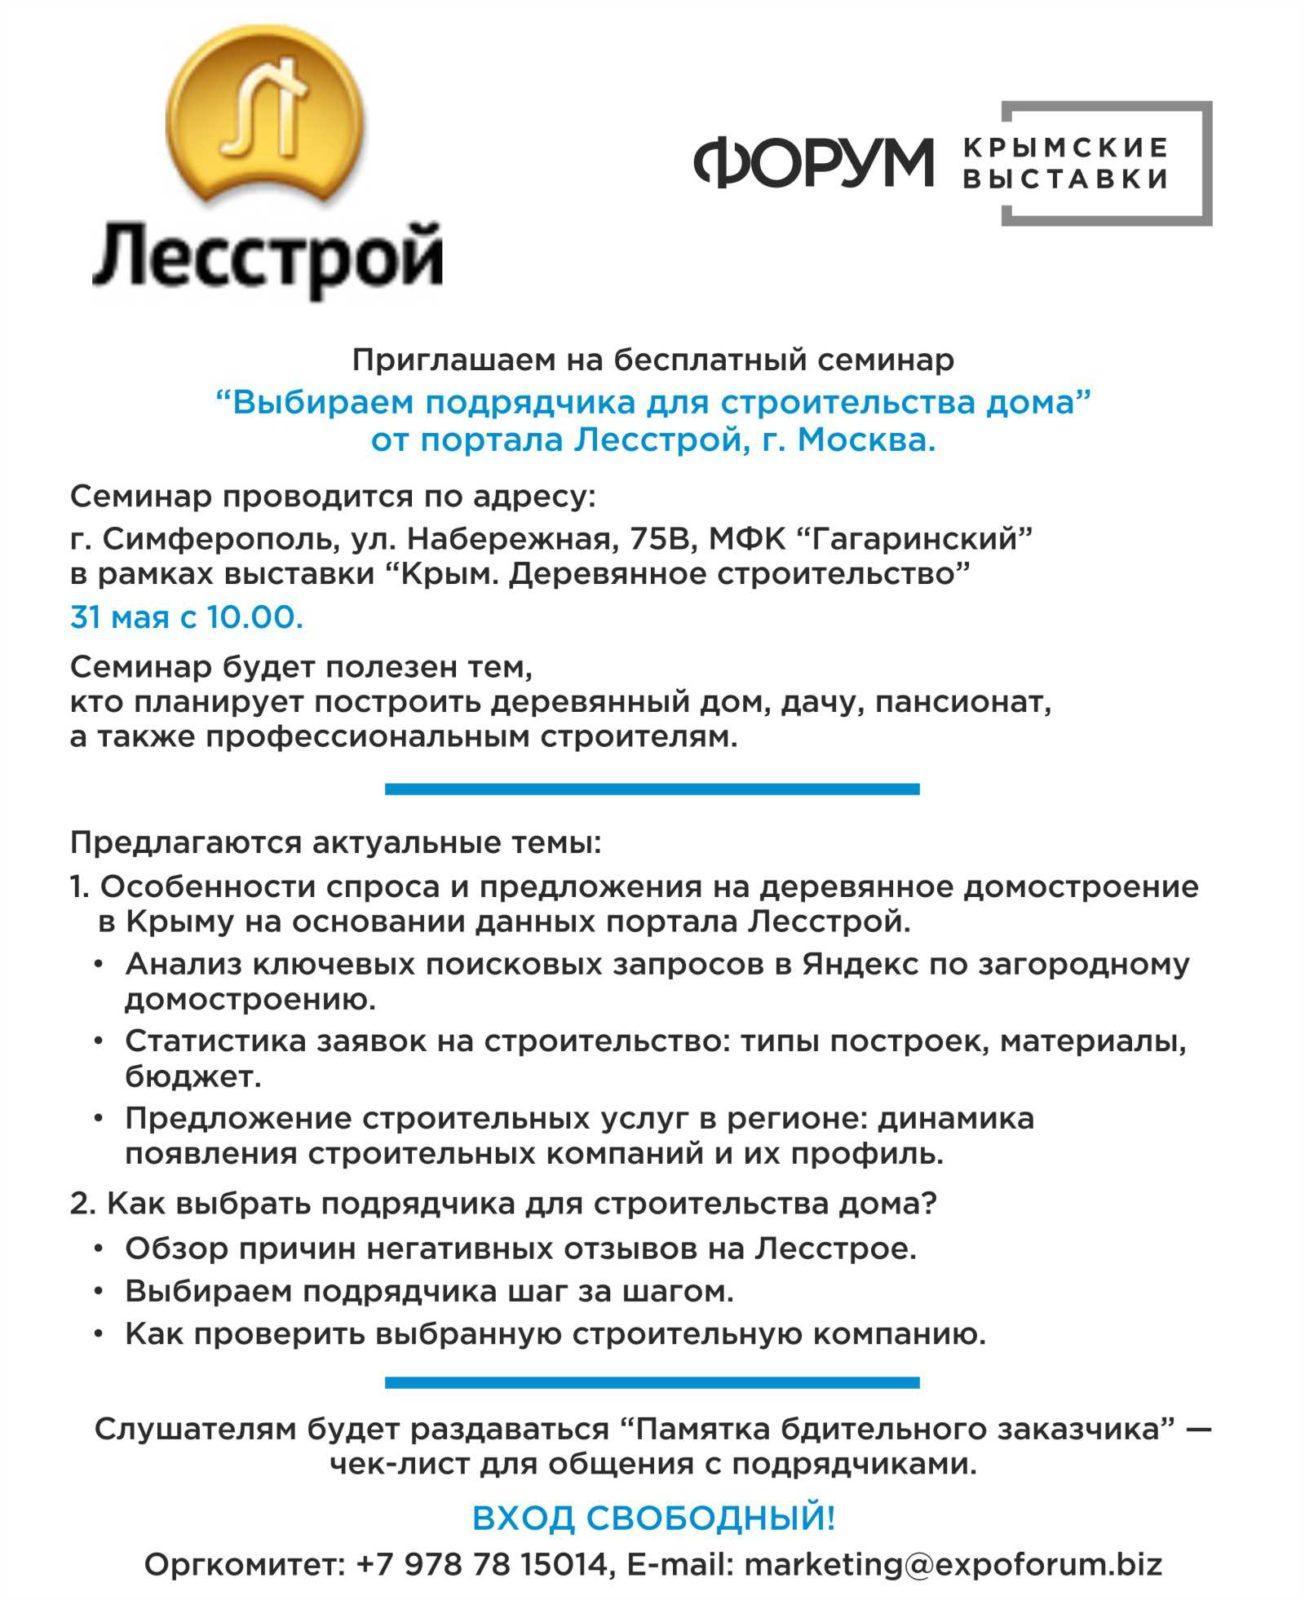 Бесплатный семинар от портала Лесстрой, г. Симферополь, 31 мая 2019 г.